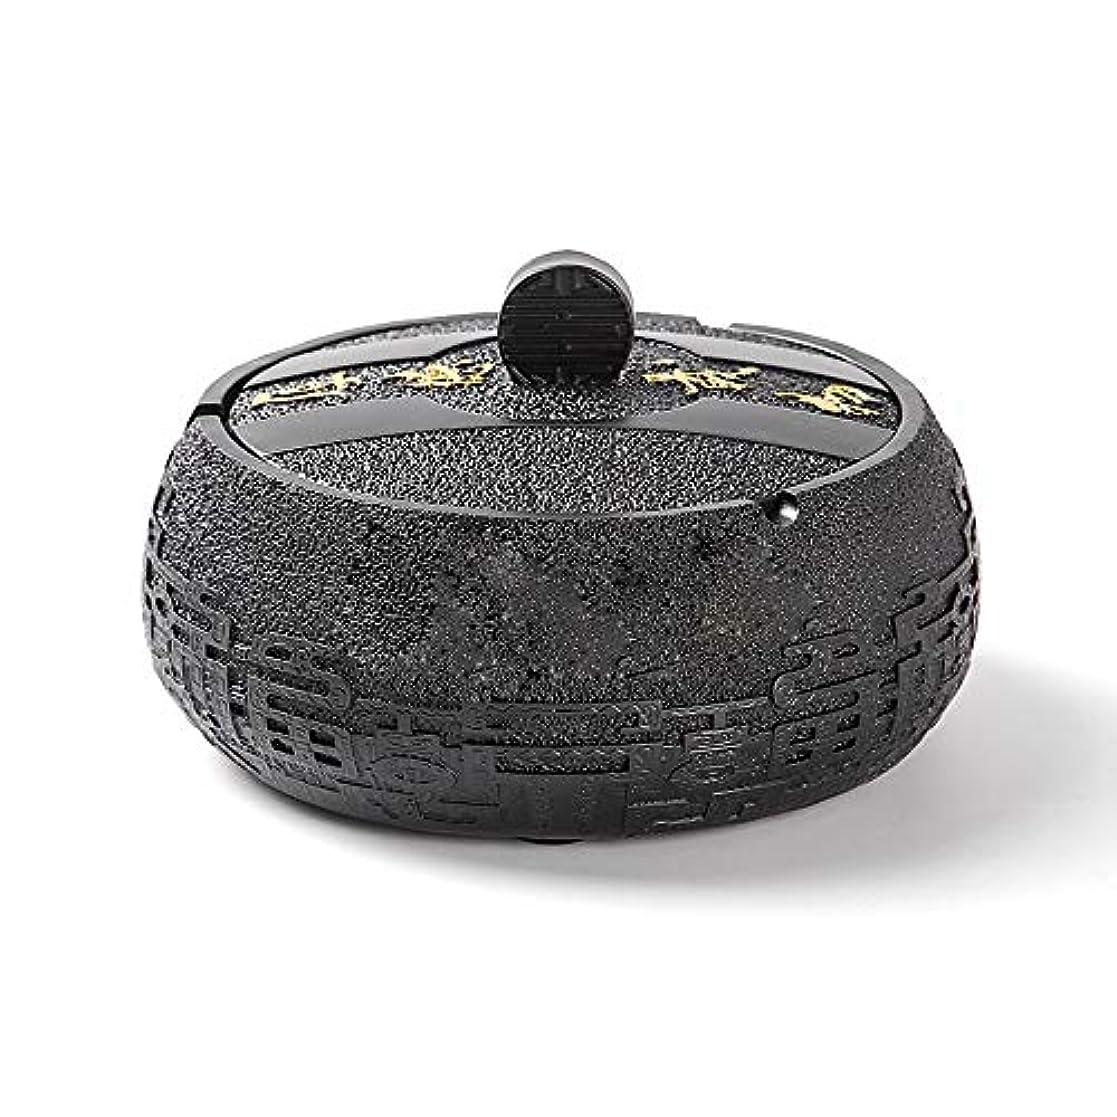 服を着る実現可能ラテンタバコ、ギフトおよび総本店の装飾のための円形の光沢のある環境に優しい樹脂の灰皿 (色 : 黒)